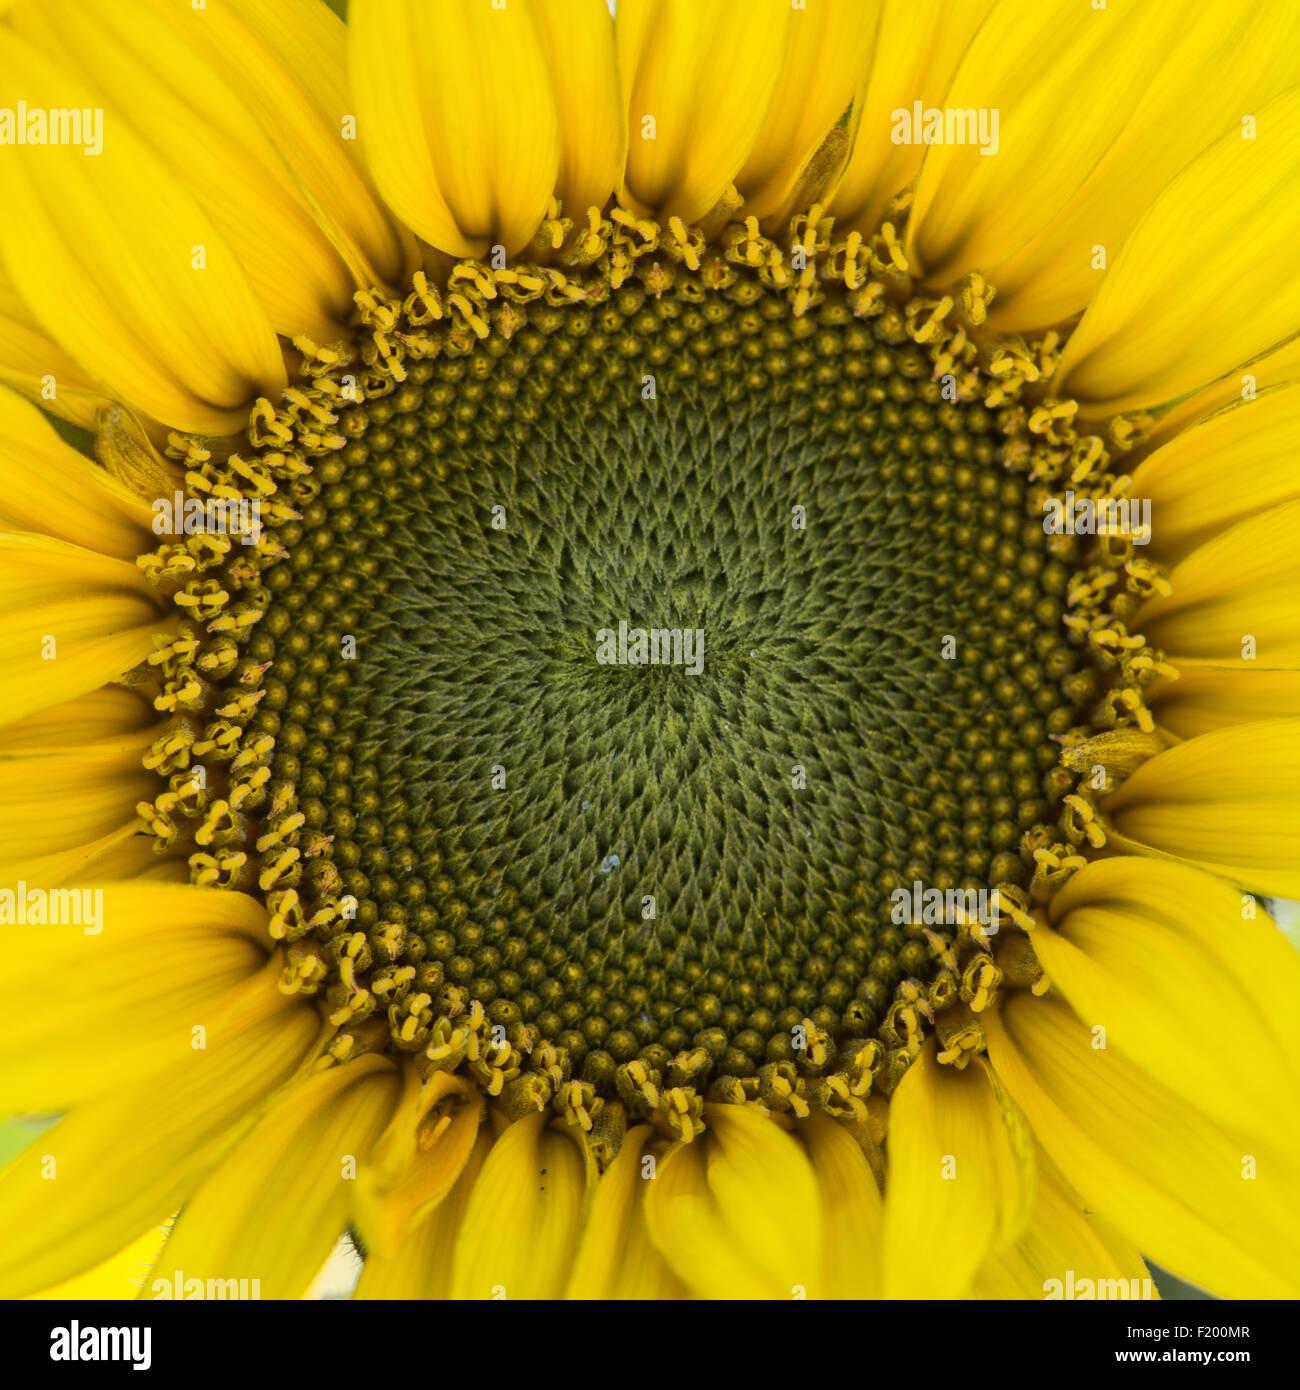 Sunflower: Helianthus annuus 'Munchkin' - Stock Image